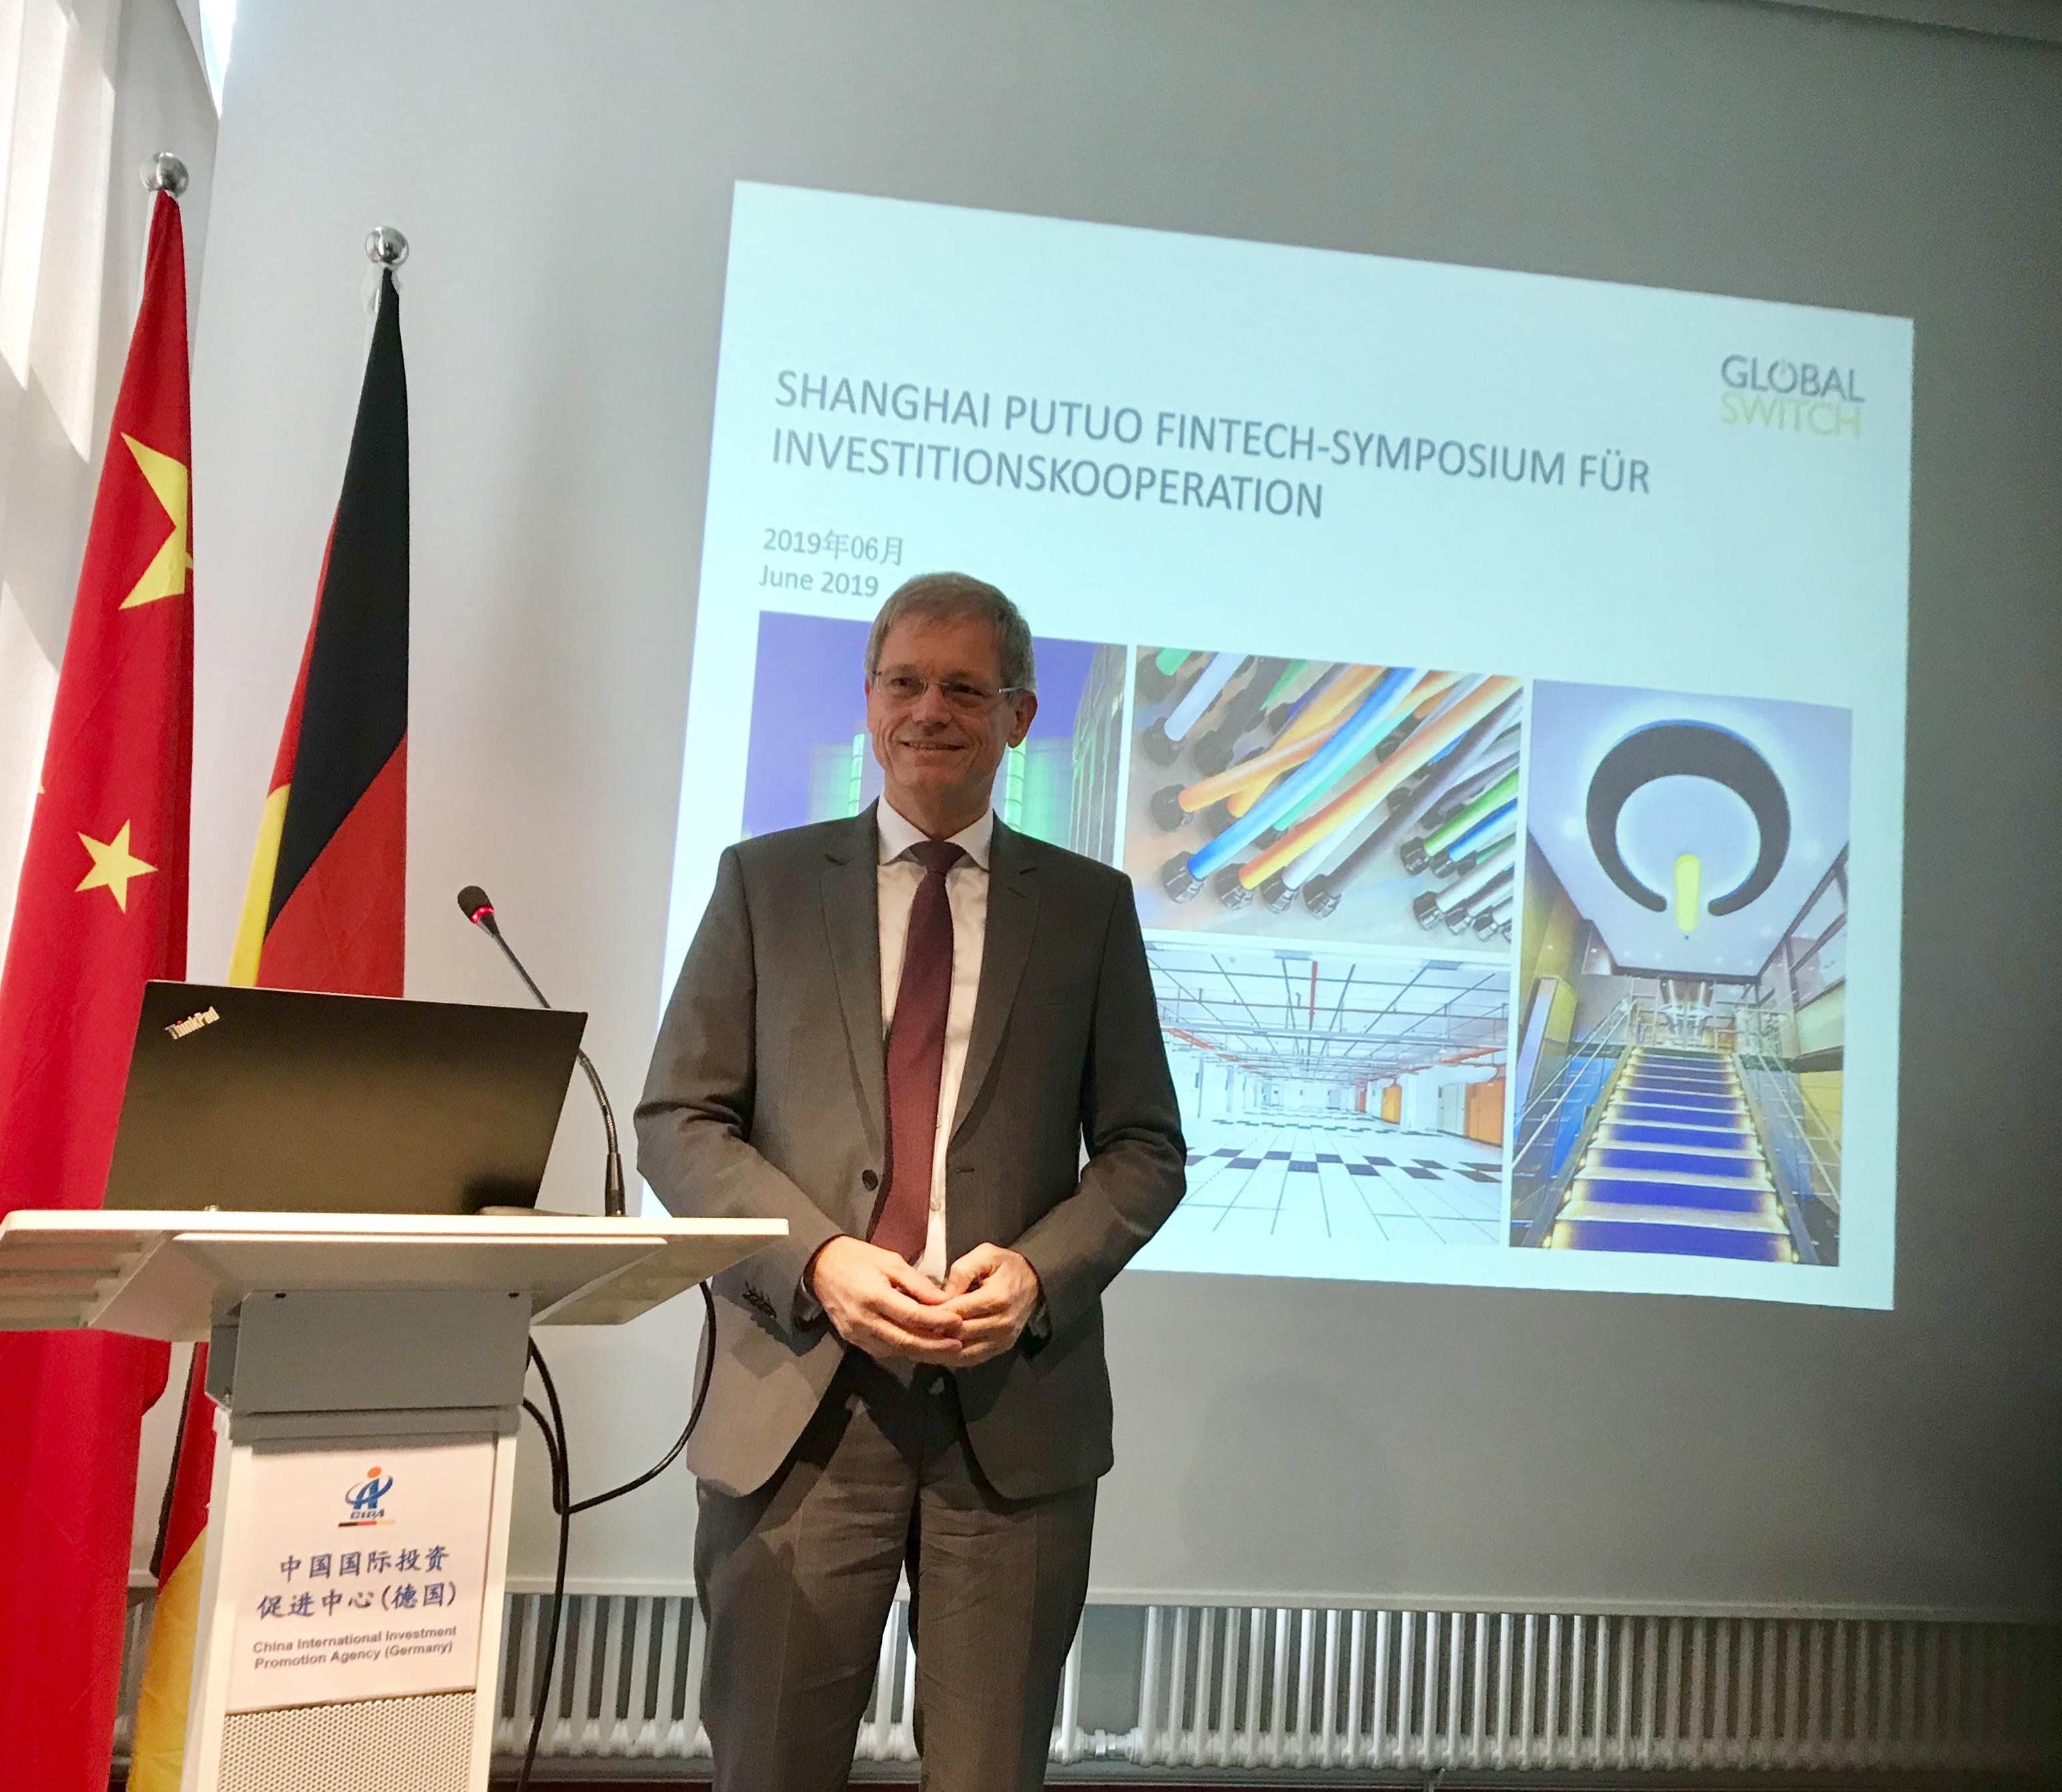 Das Leistungsspektrum von Global Switch wurde dargelegt von Europa-Direktor Peter Knapp